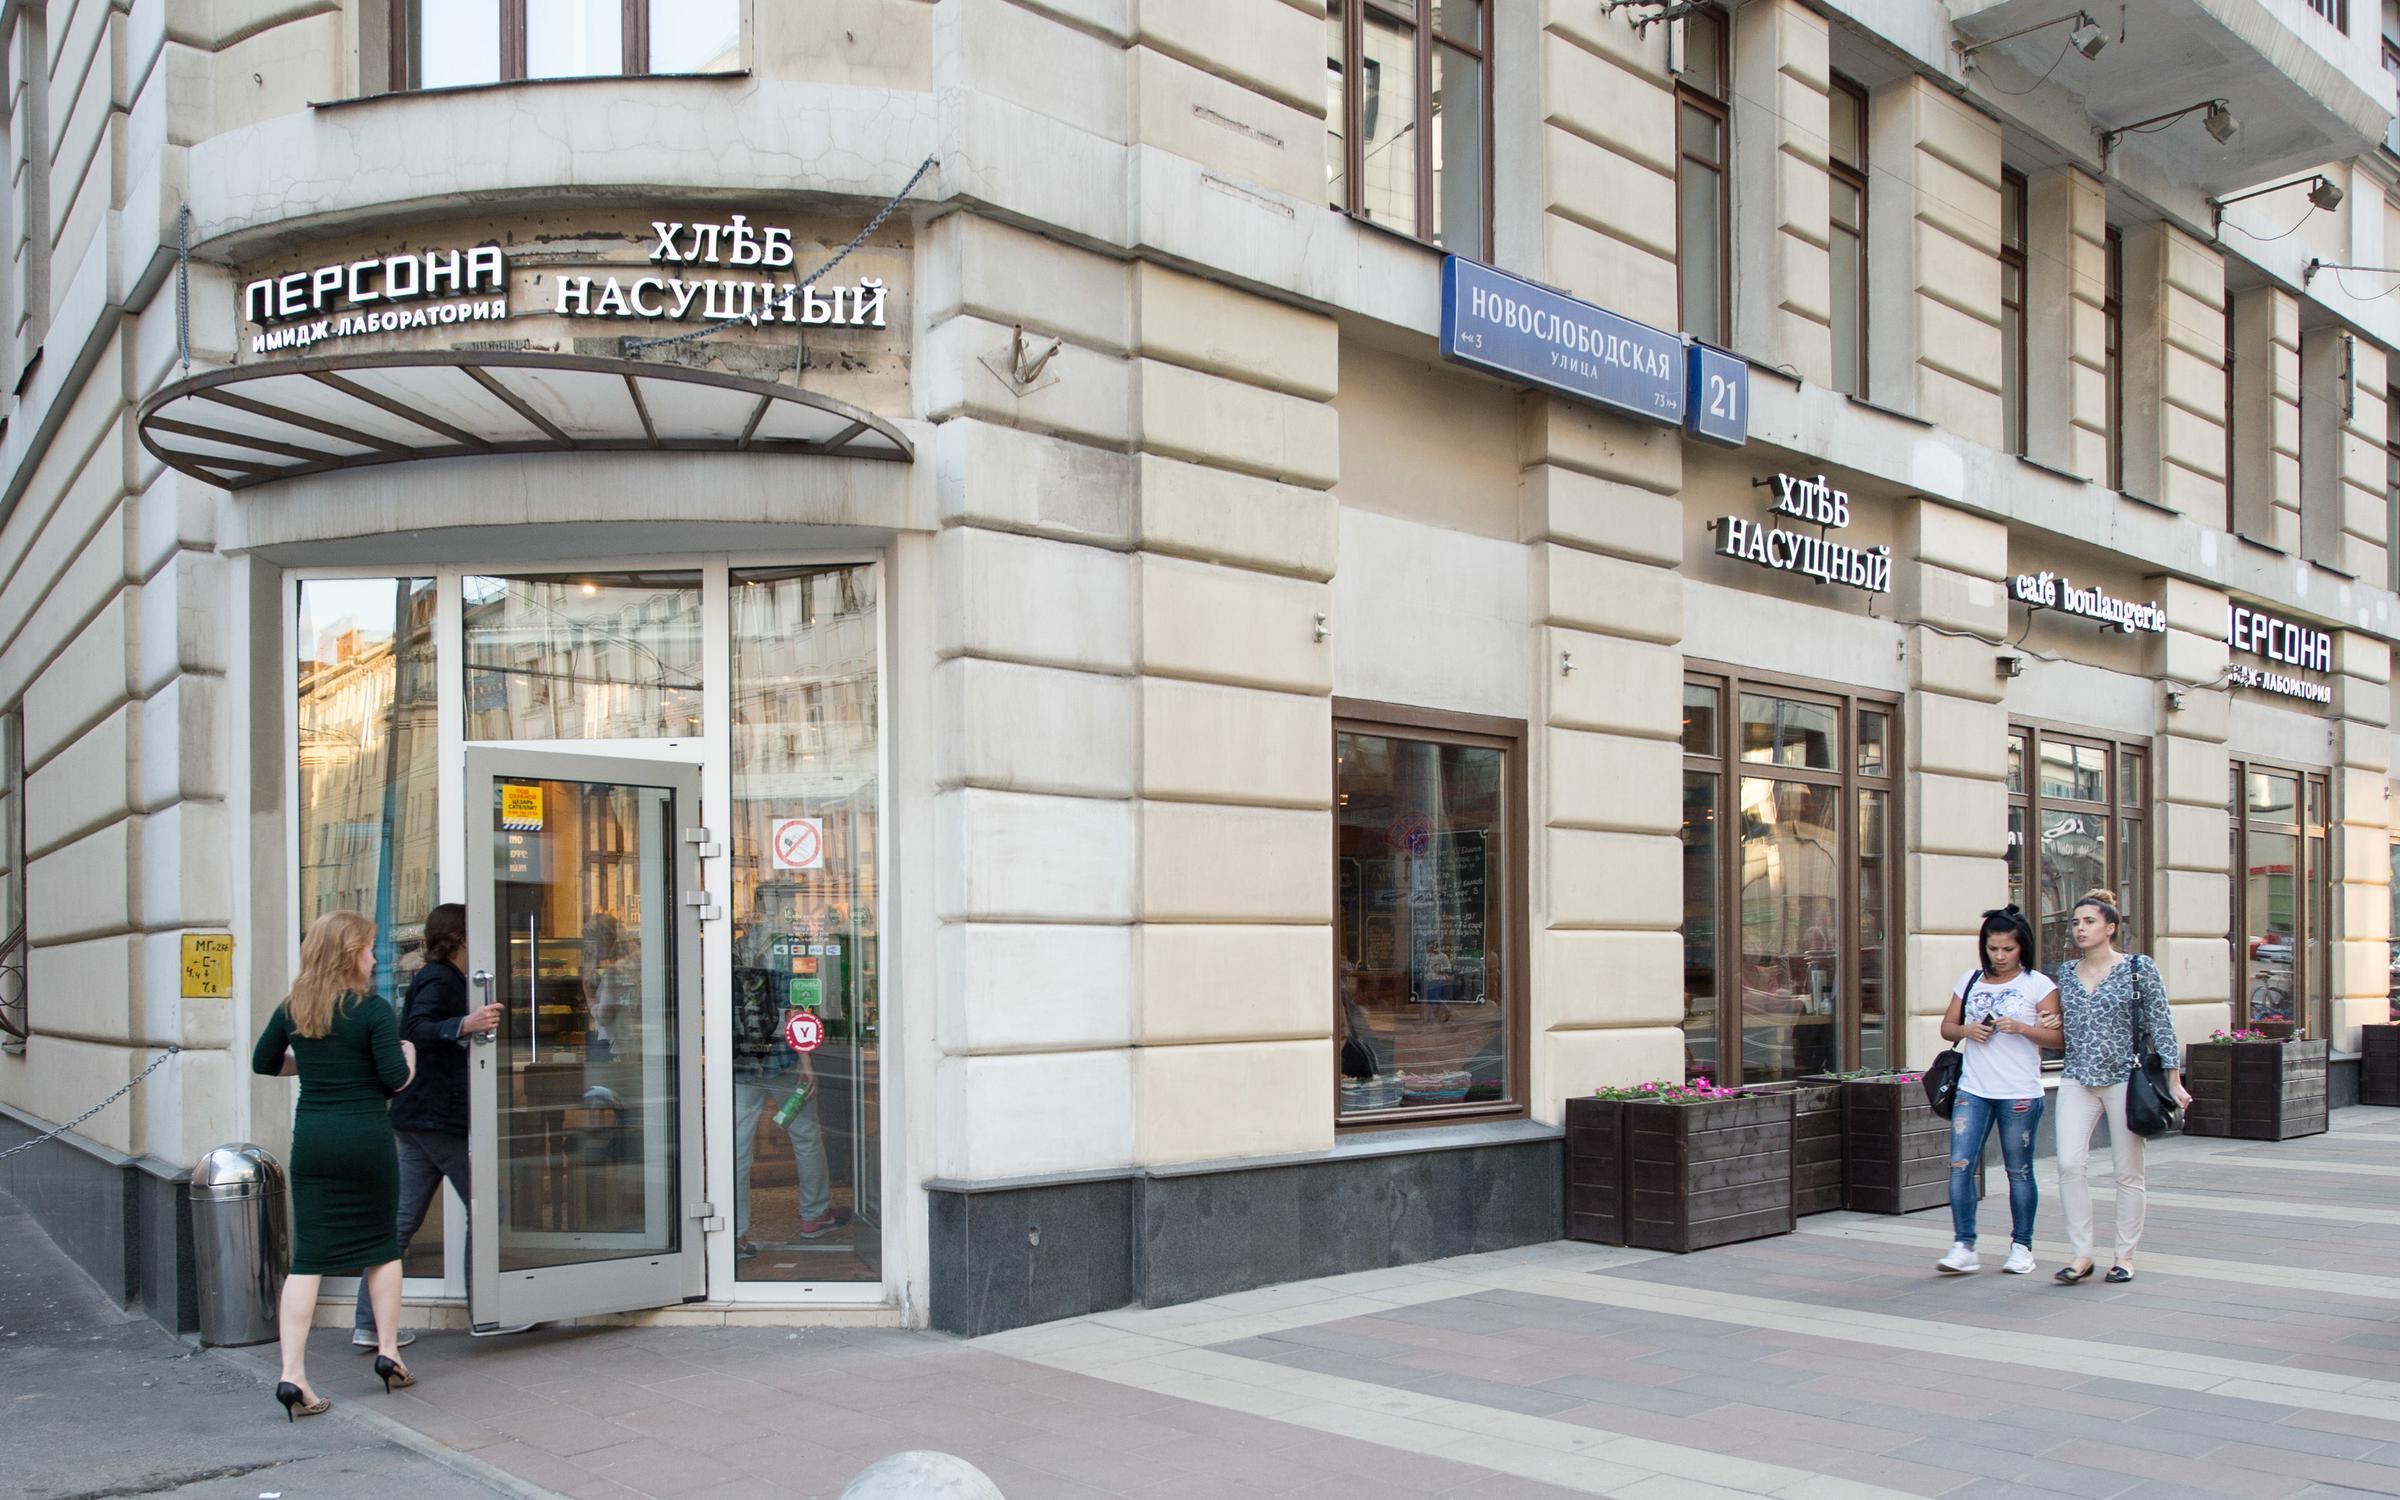 фотография Кафе-пекарни Хлеб Насущный на Новослободской улице